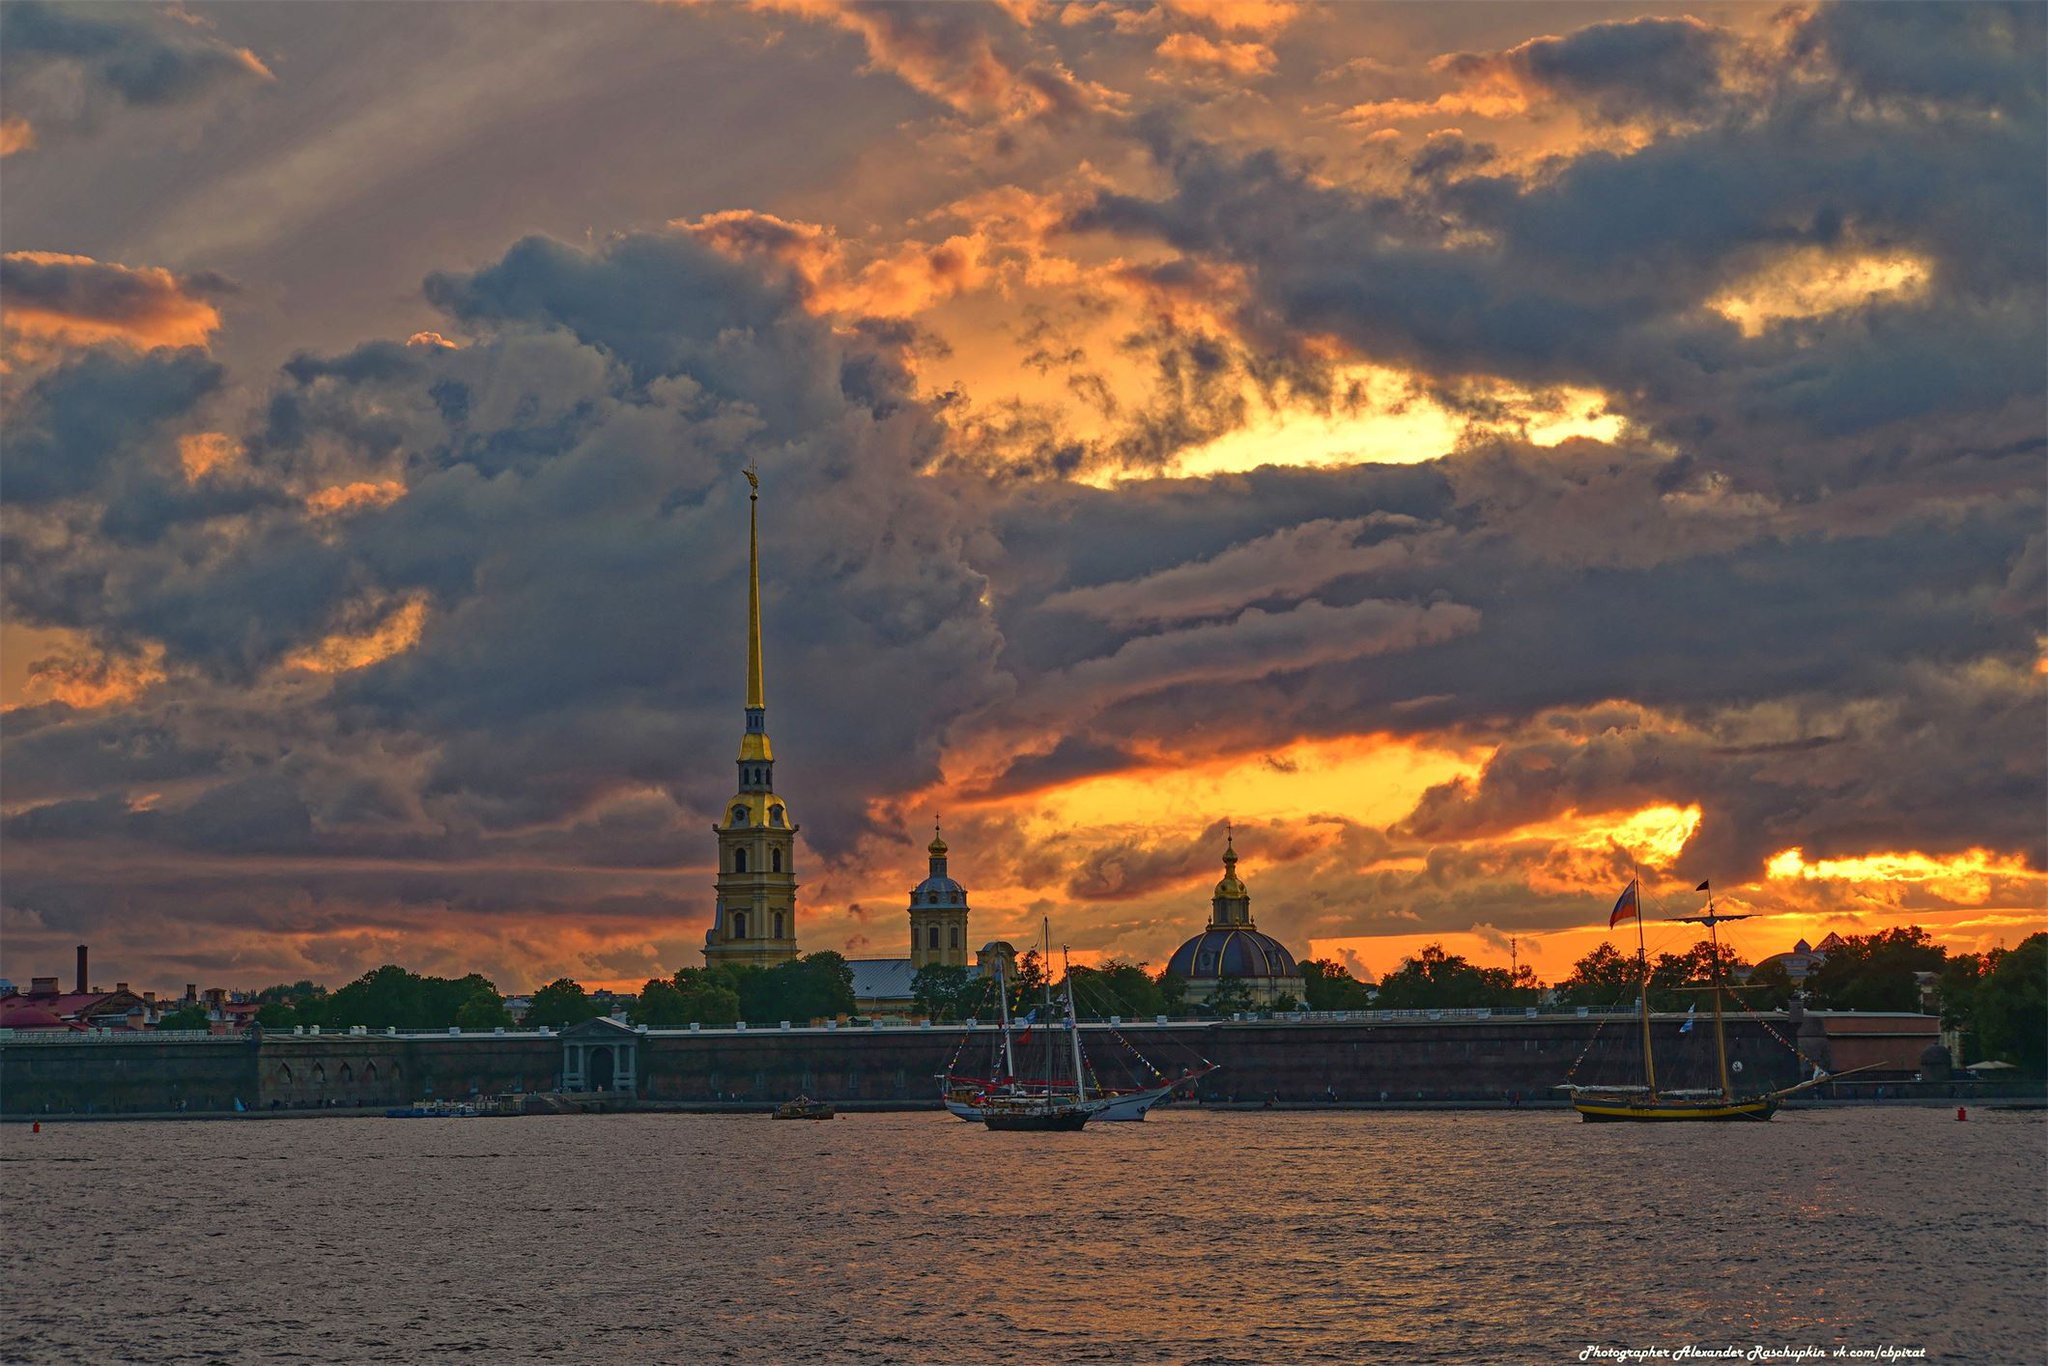 картинки санкт петербурга в закате нарисованных атлетов